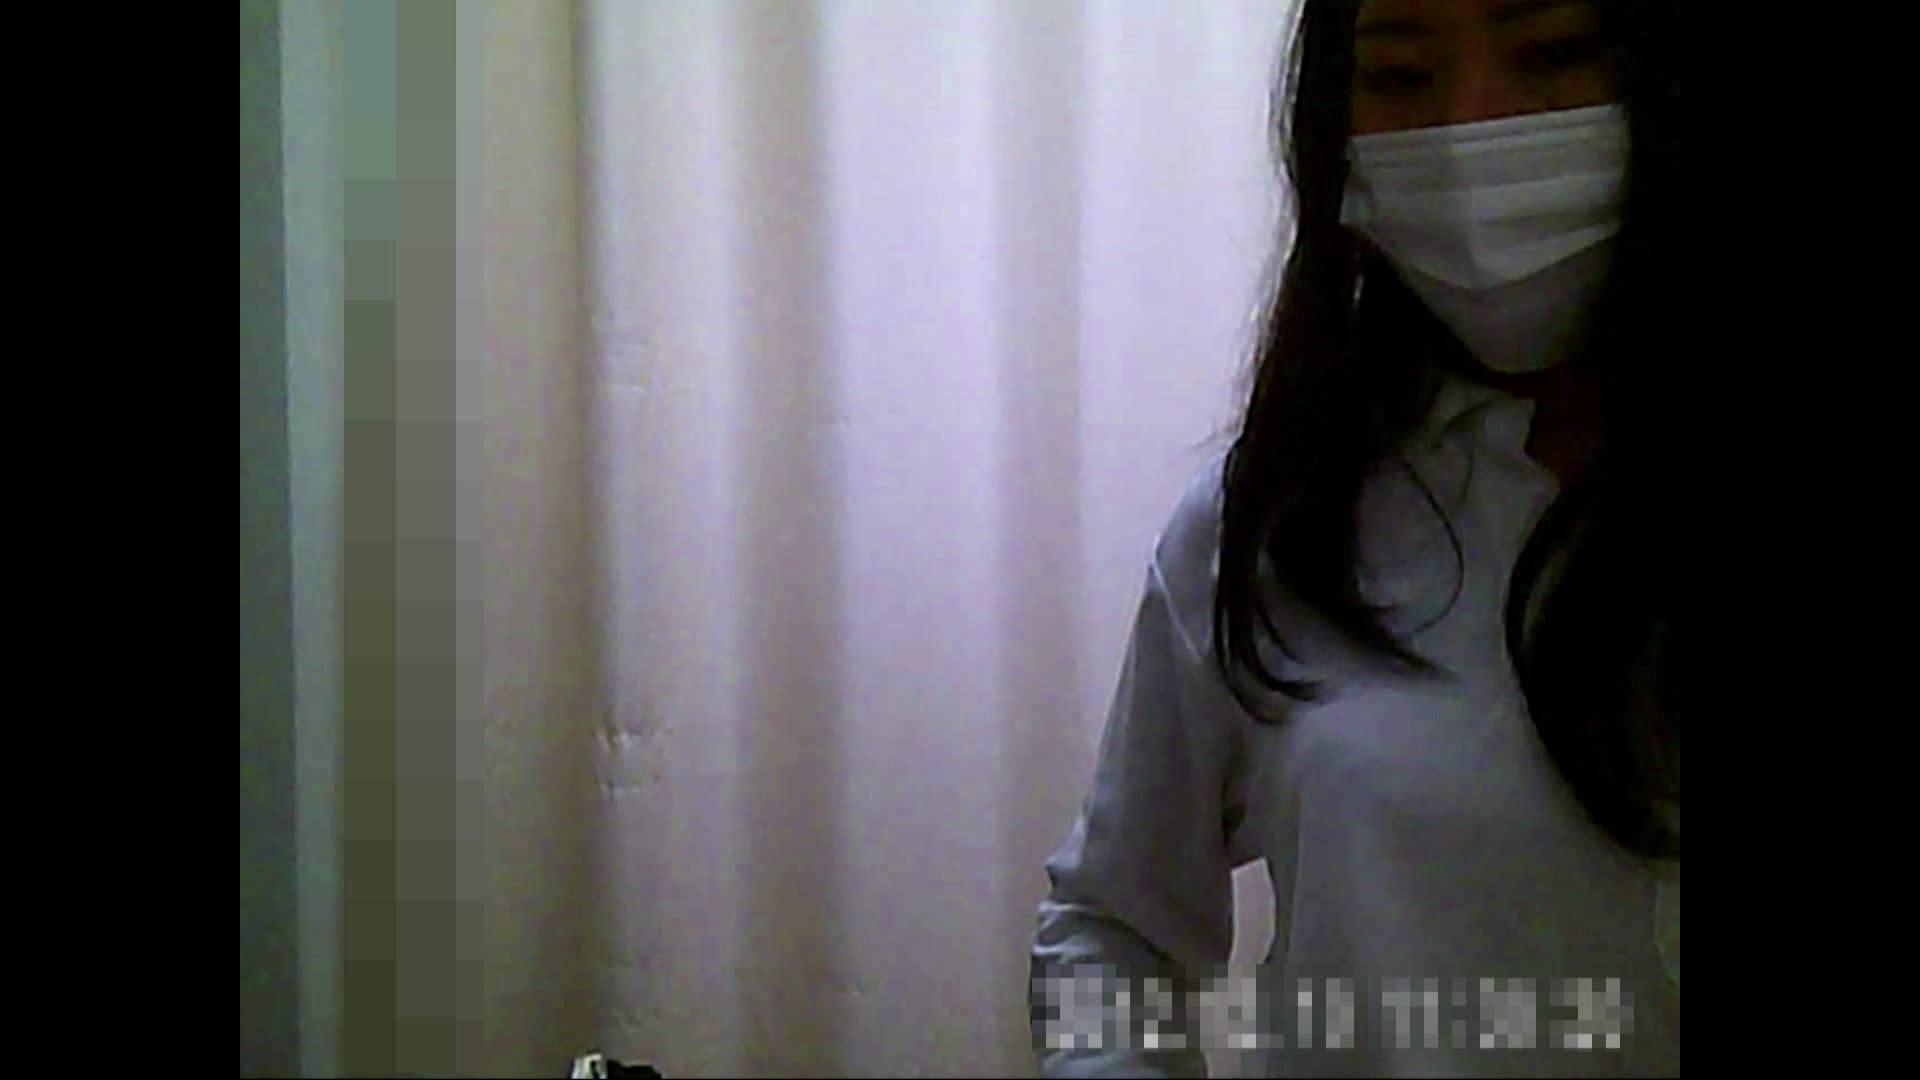 元医者による反抗 更衣室地獄絵巻 vol.124 OL | 0  55連発 28